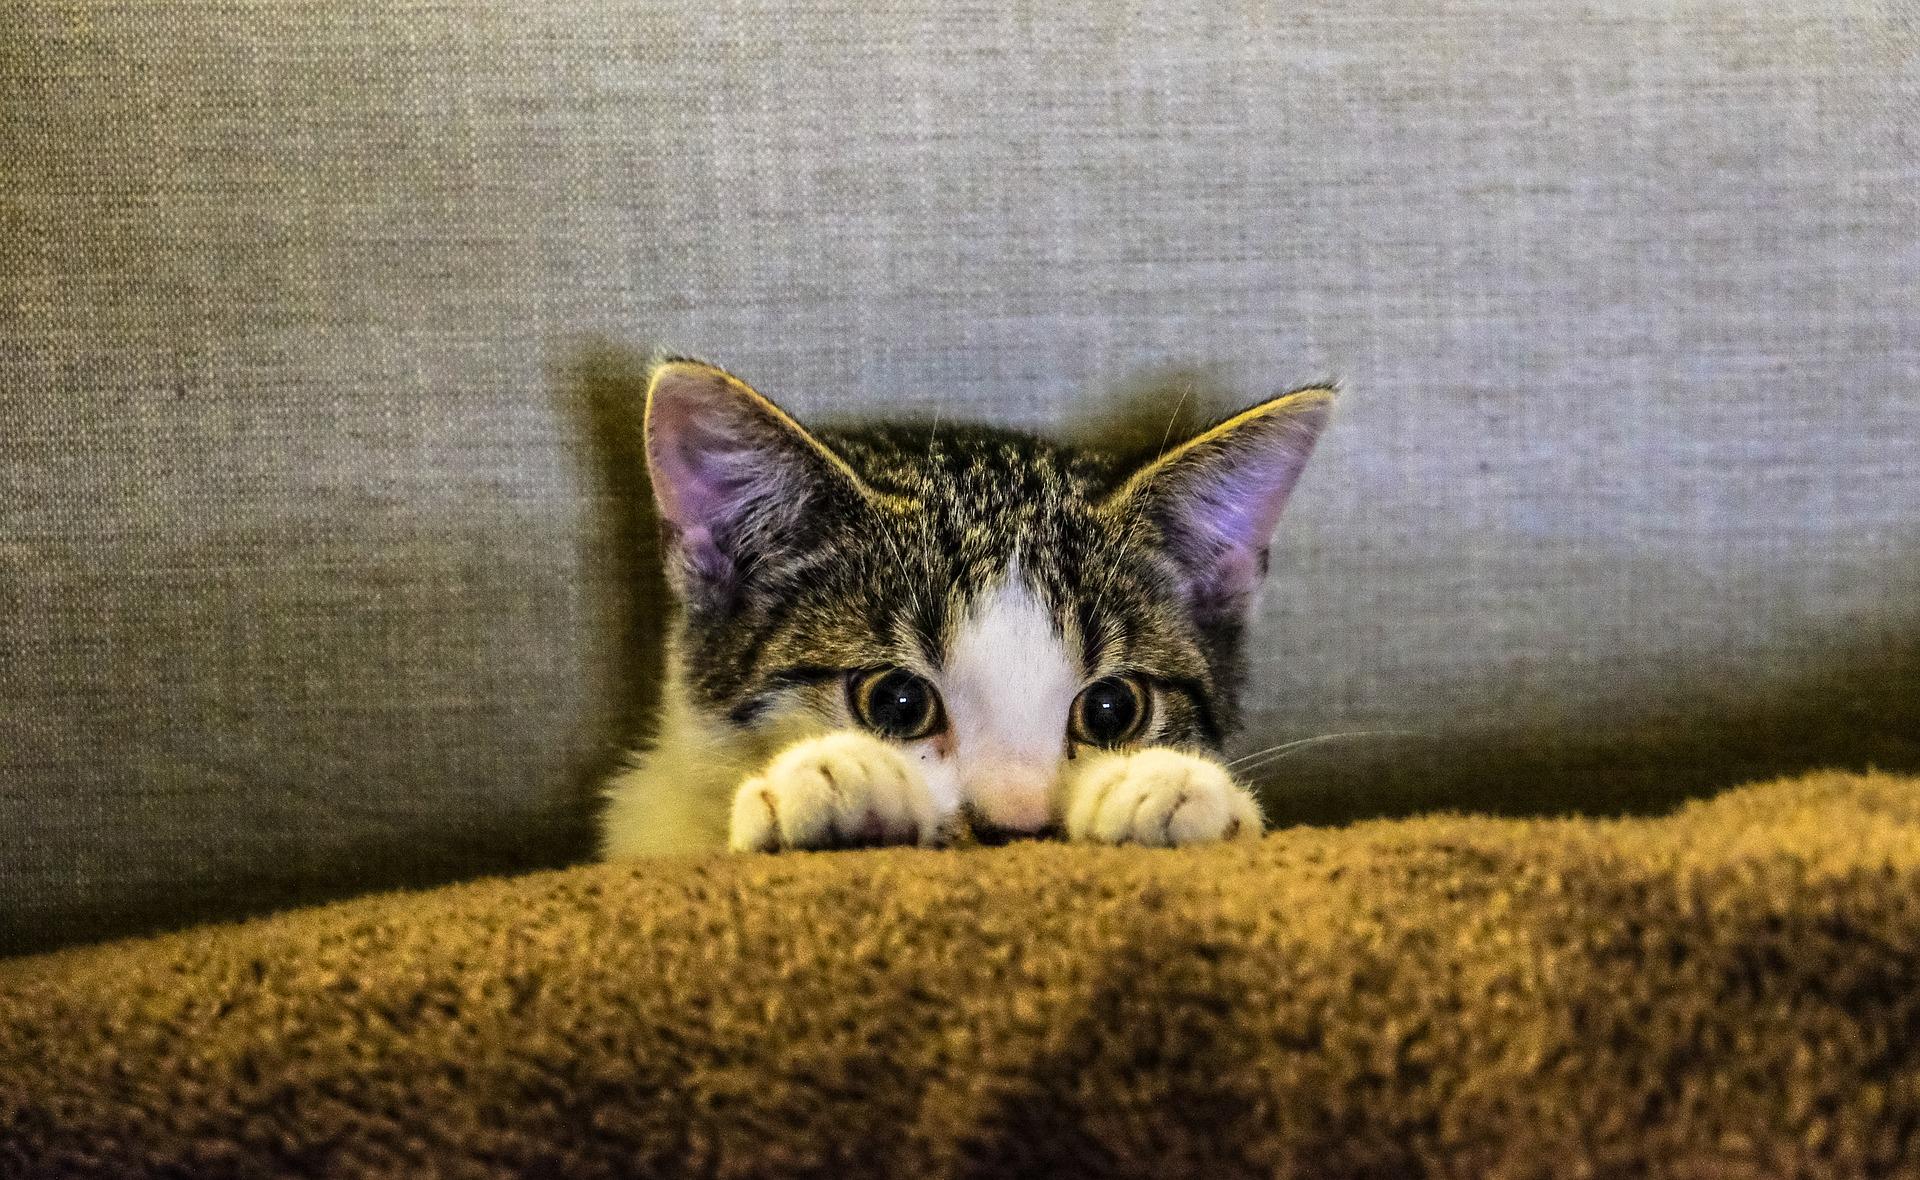 Sterylizacja kotki chroni ją przed wieloma chorobami i pozwala na ograniczenie zjawiska kociej bezdomności.